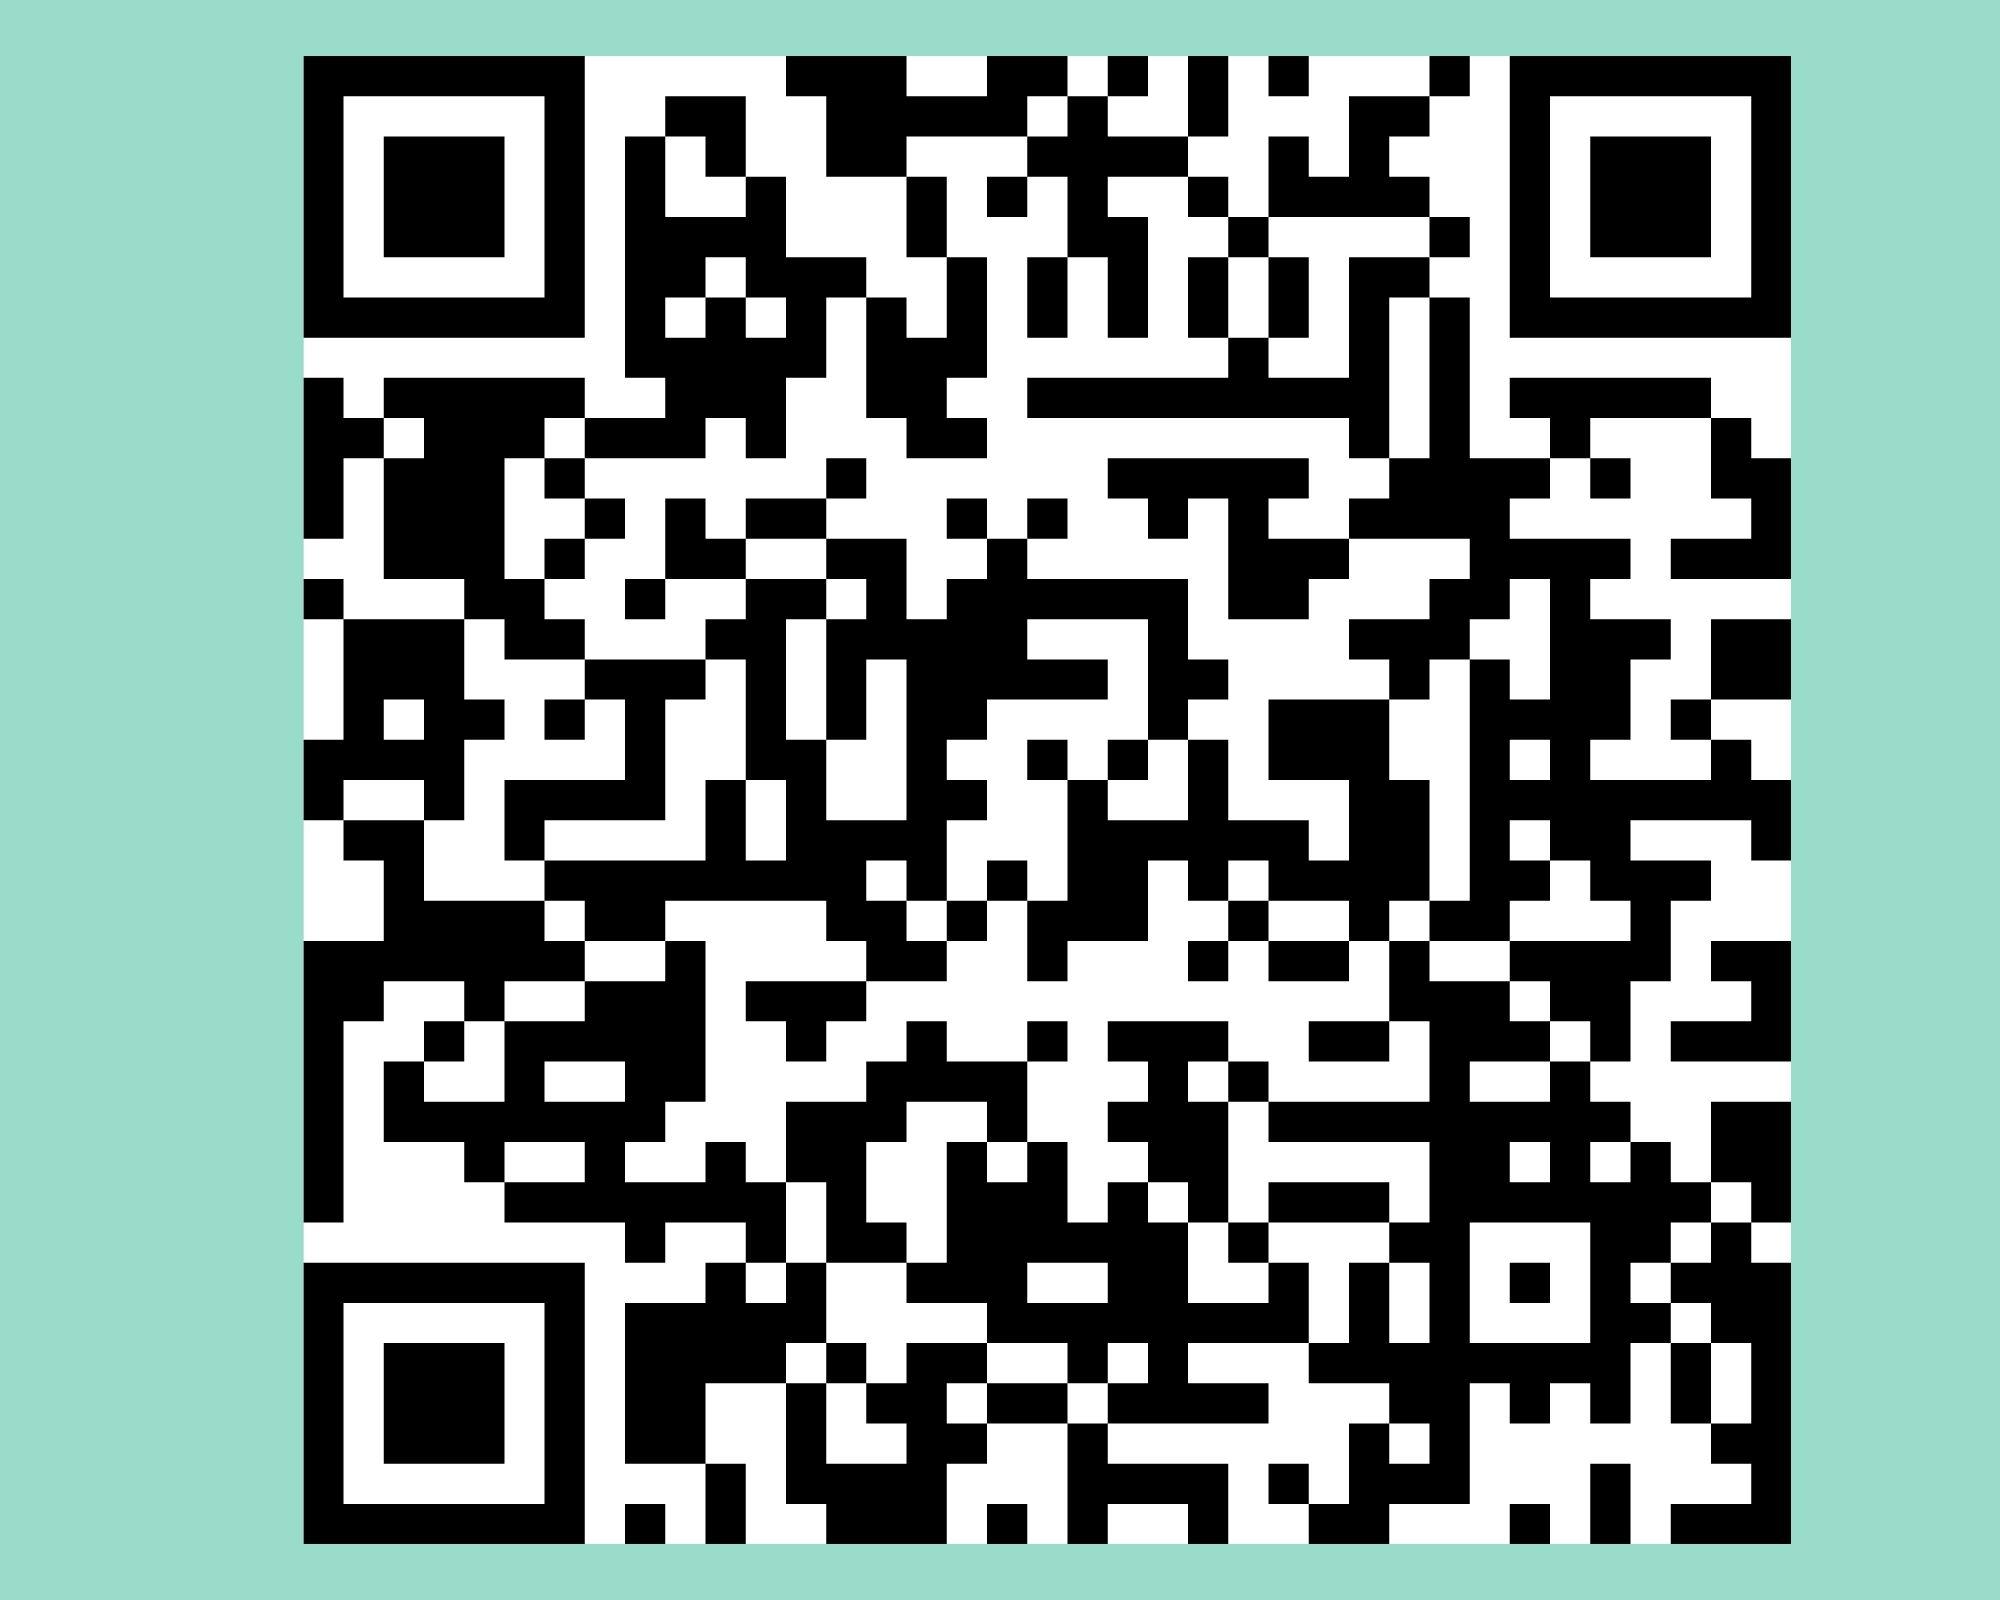 qr code pagina eco printen lv